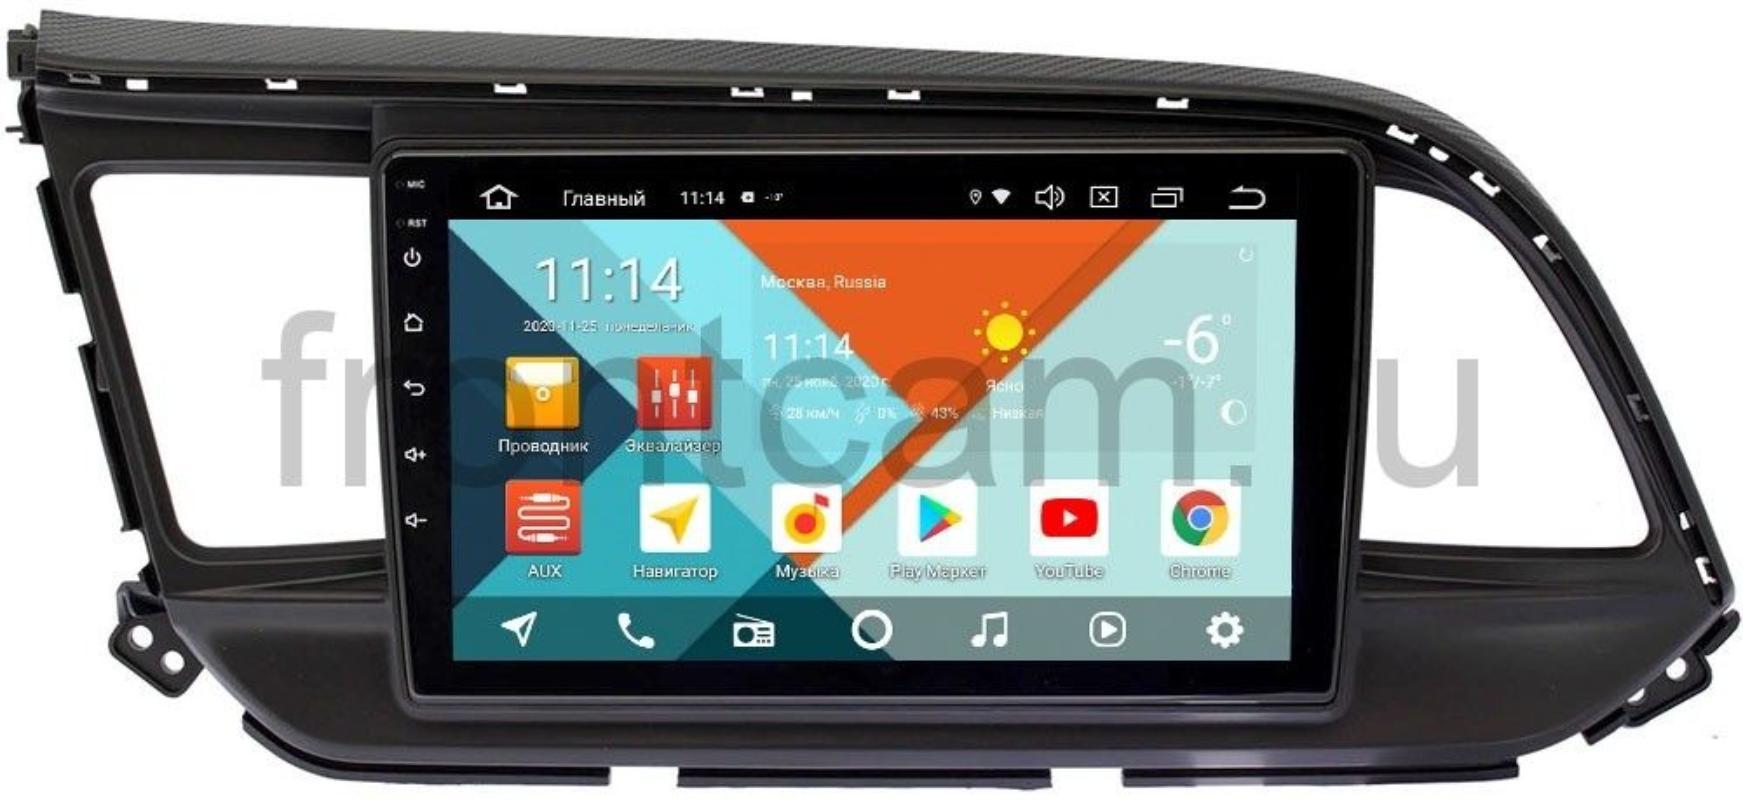 Штатная магнитола Hyundai Elantra VI (AD) 2018-2020 Wide Media KS9207QM-2/32 DSP CarPlay 4G-SIM на Android 10 (+ Камера заднего вида в подарок!)